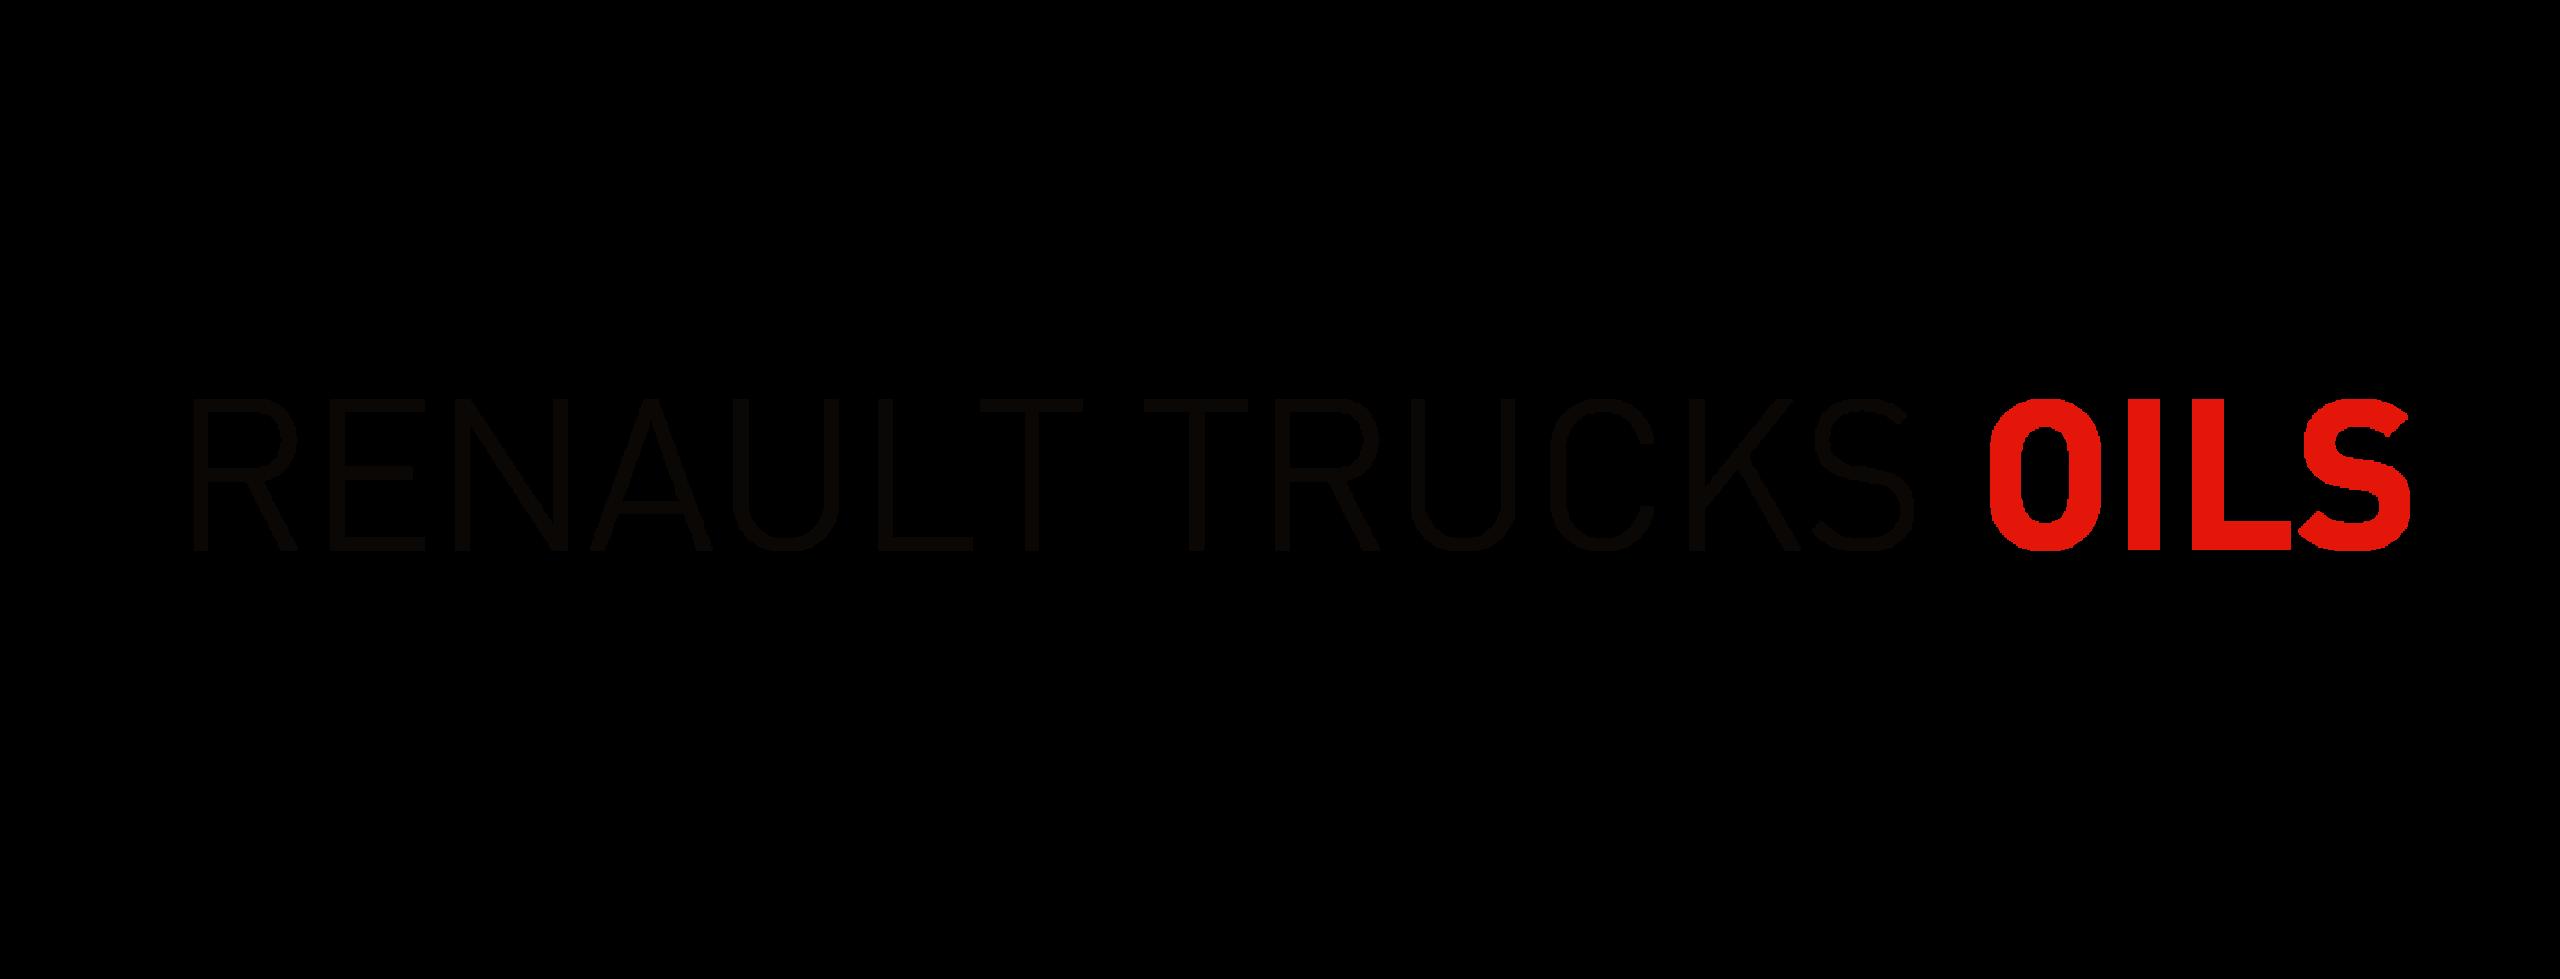 Renault Trucks Oils